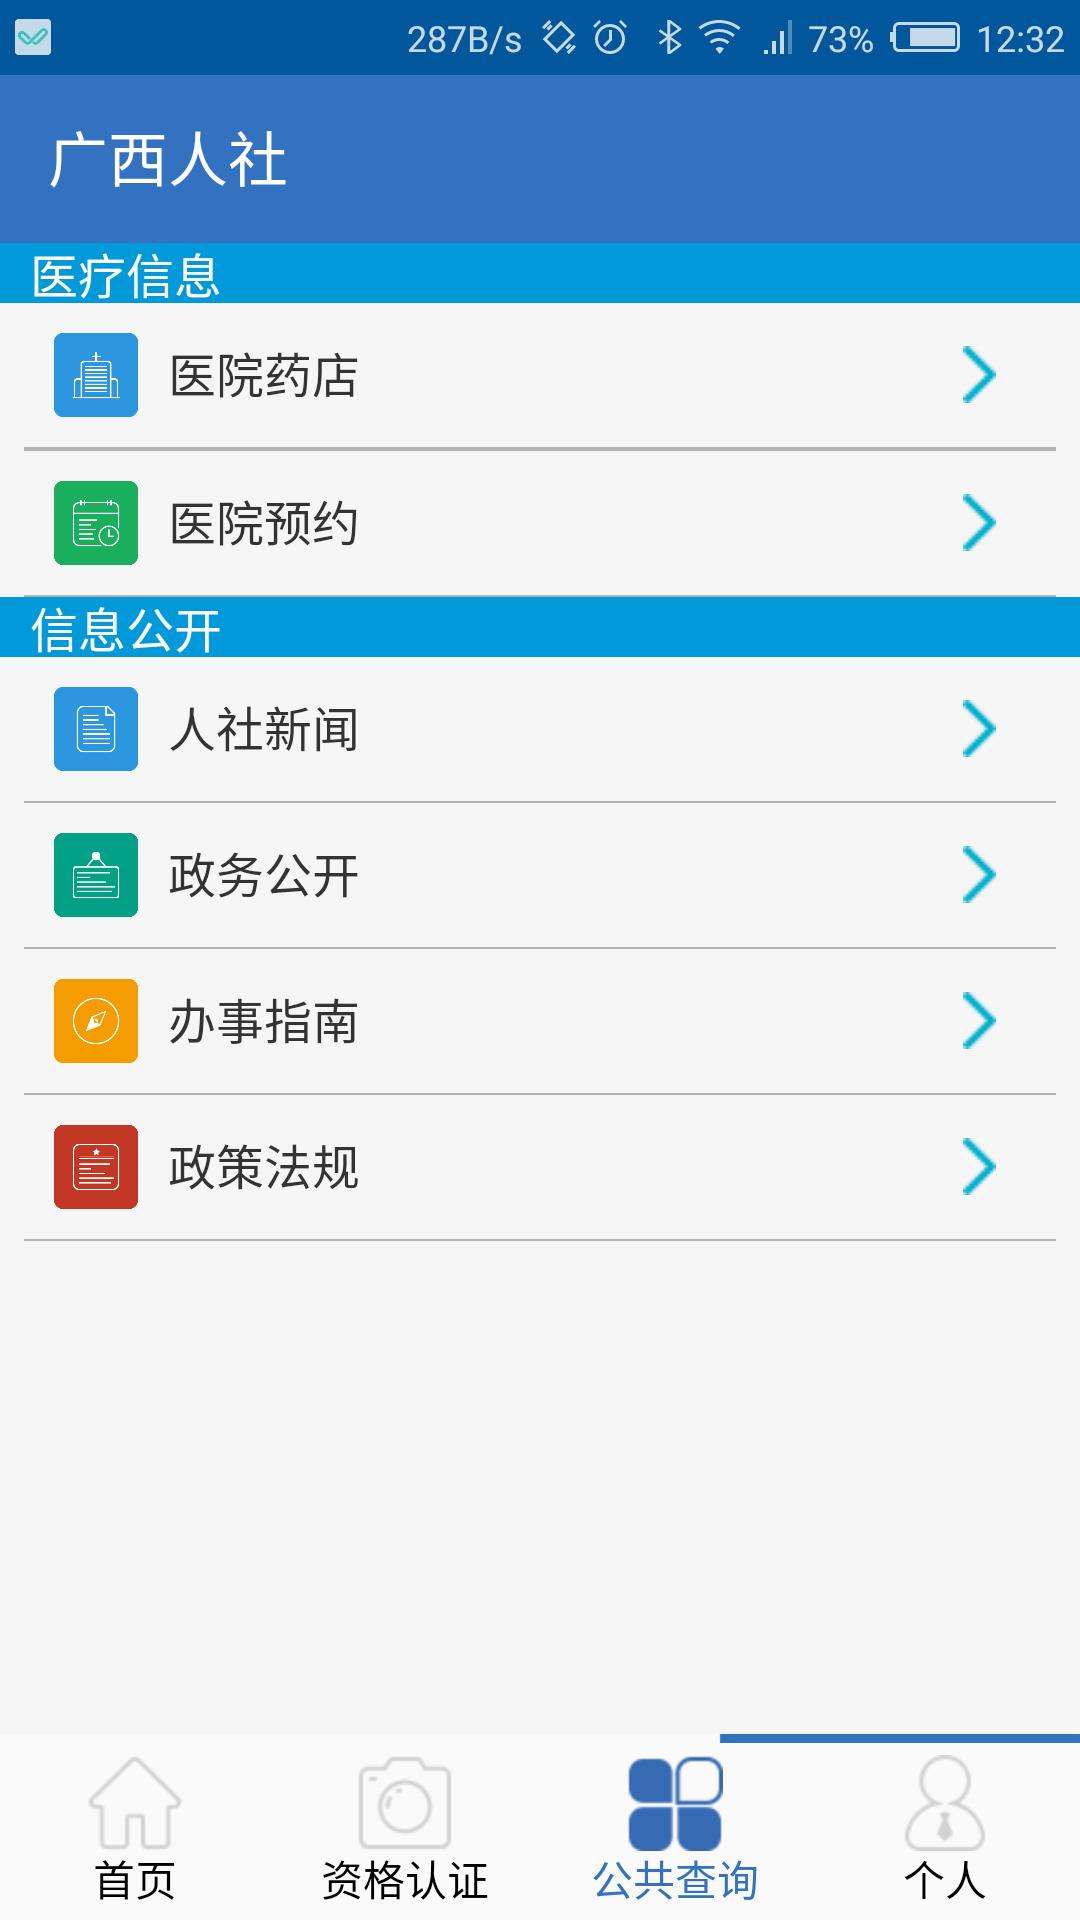 广西人社12333截图(5)